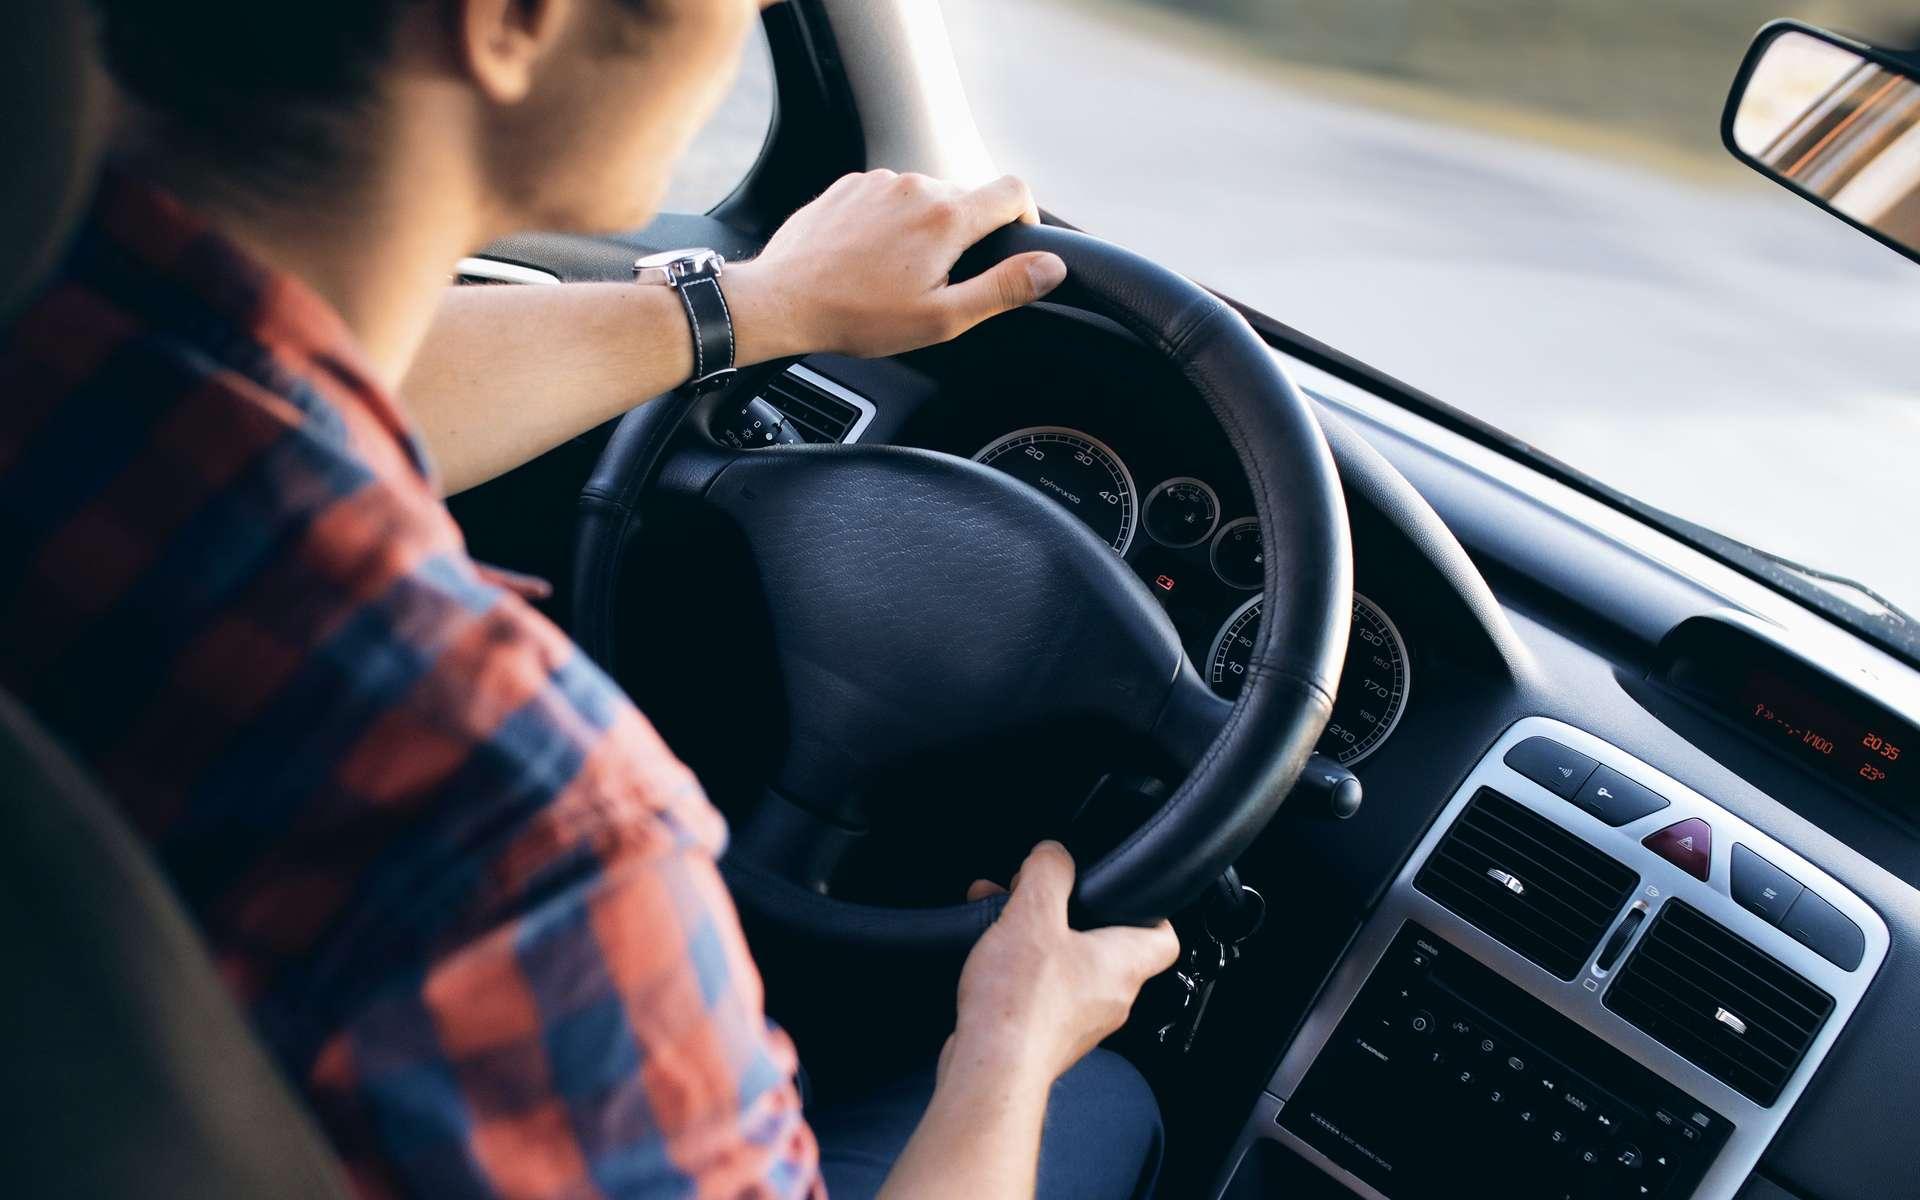 Après quinze minutes de conduite seulement, l'envie de dormir augmente. © Jeshoots, Pexels